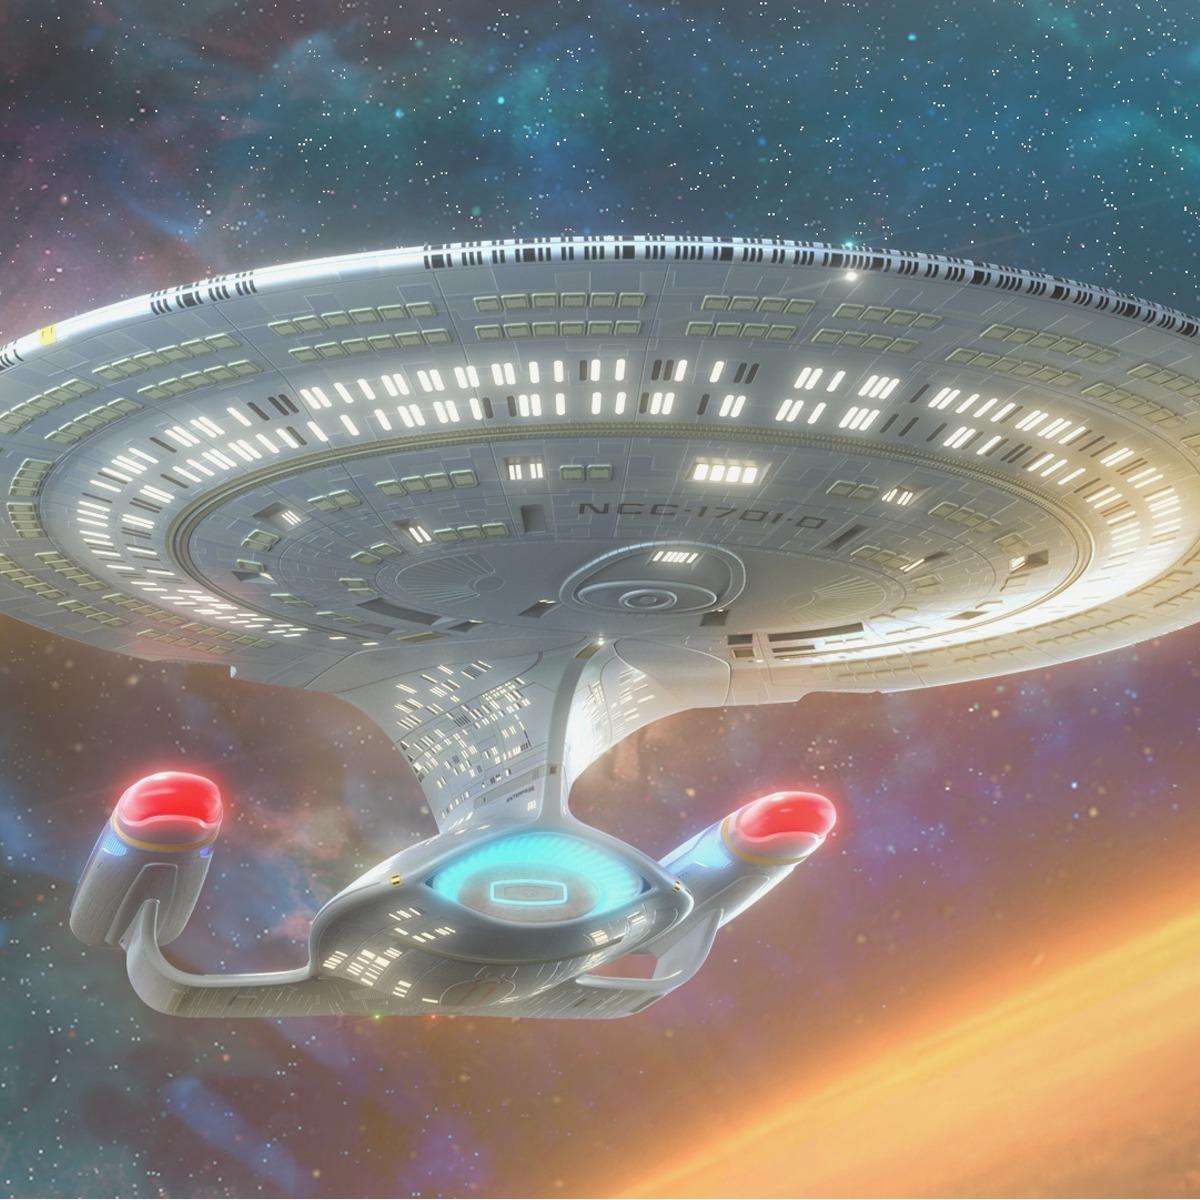 Create Artwork Inspired by Star Trek™ Fleet Command